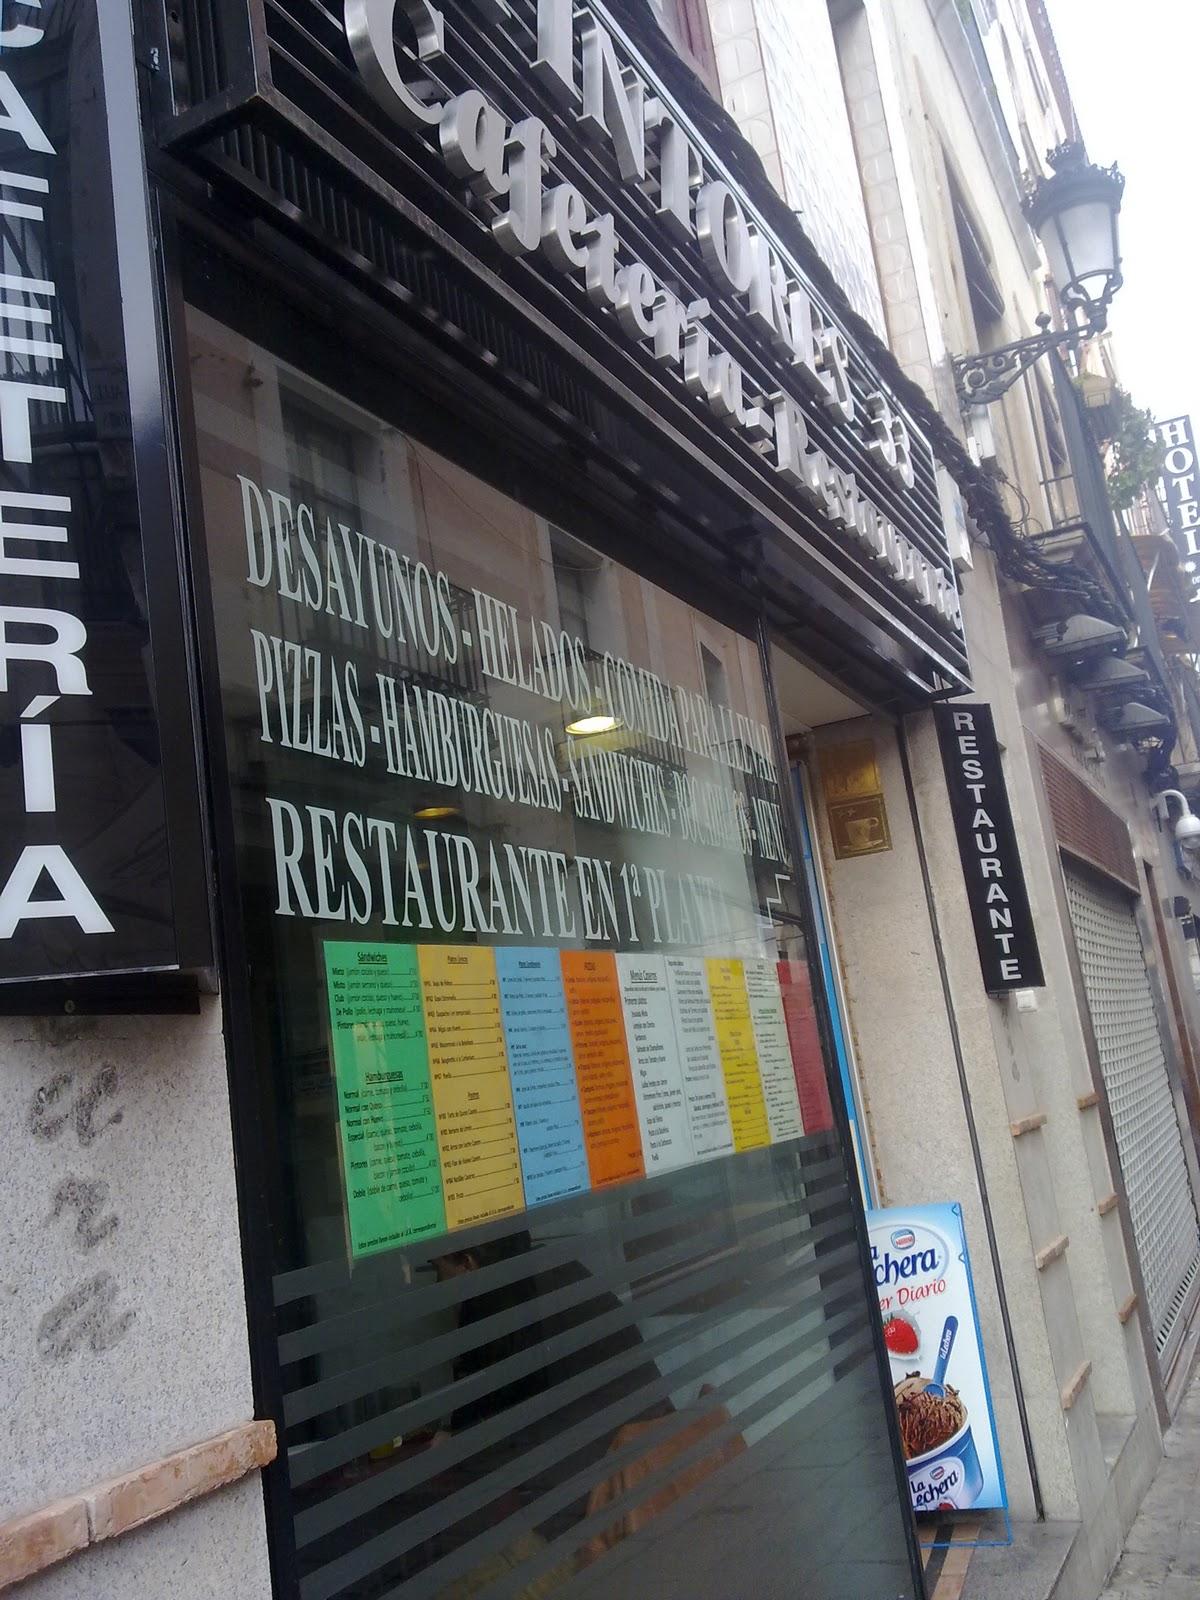 Turismo en c ceres restaurante pintores 33 c ceres - Pintores en caceres ...